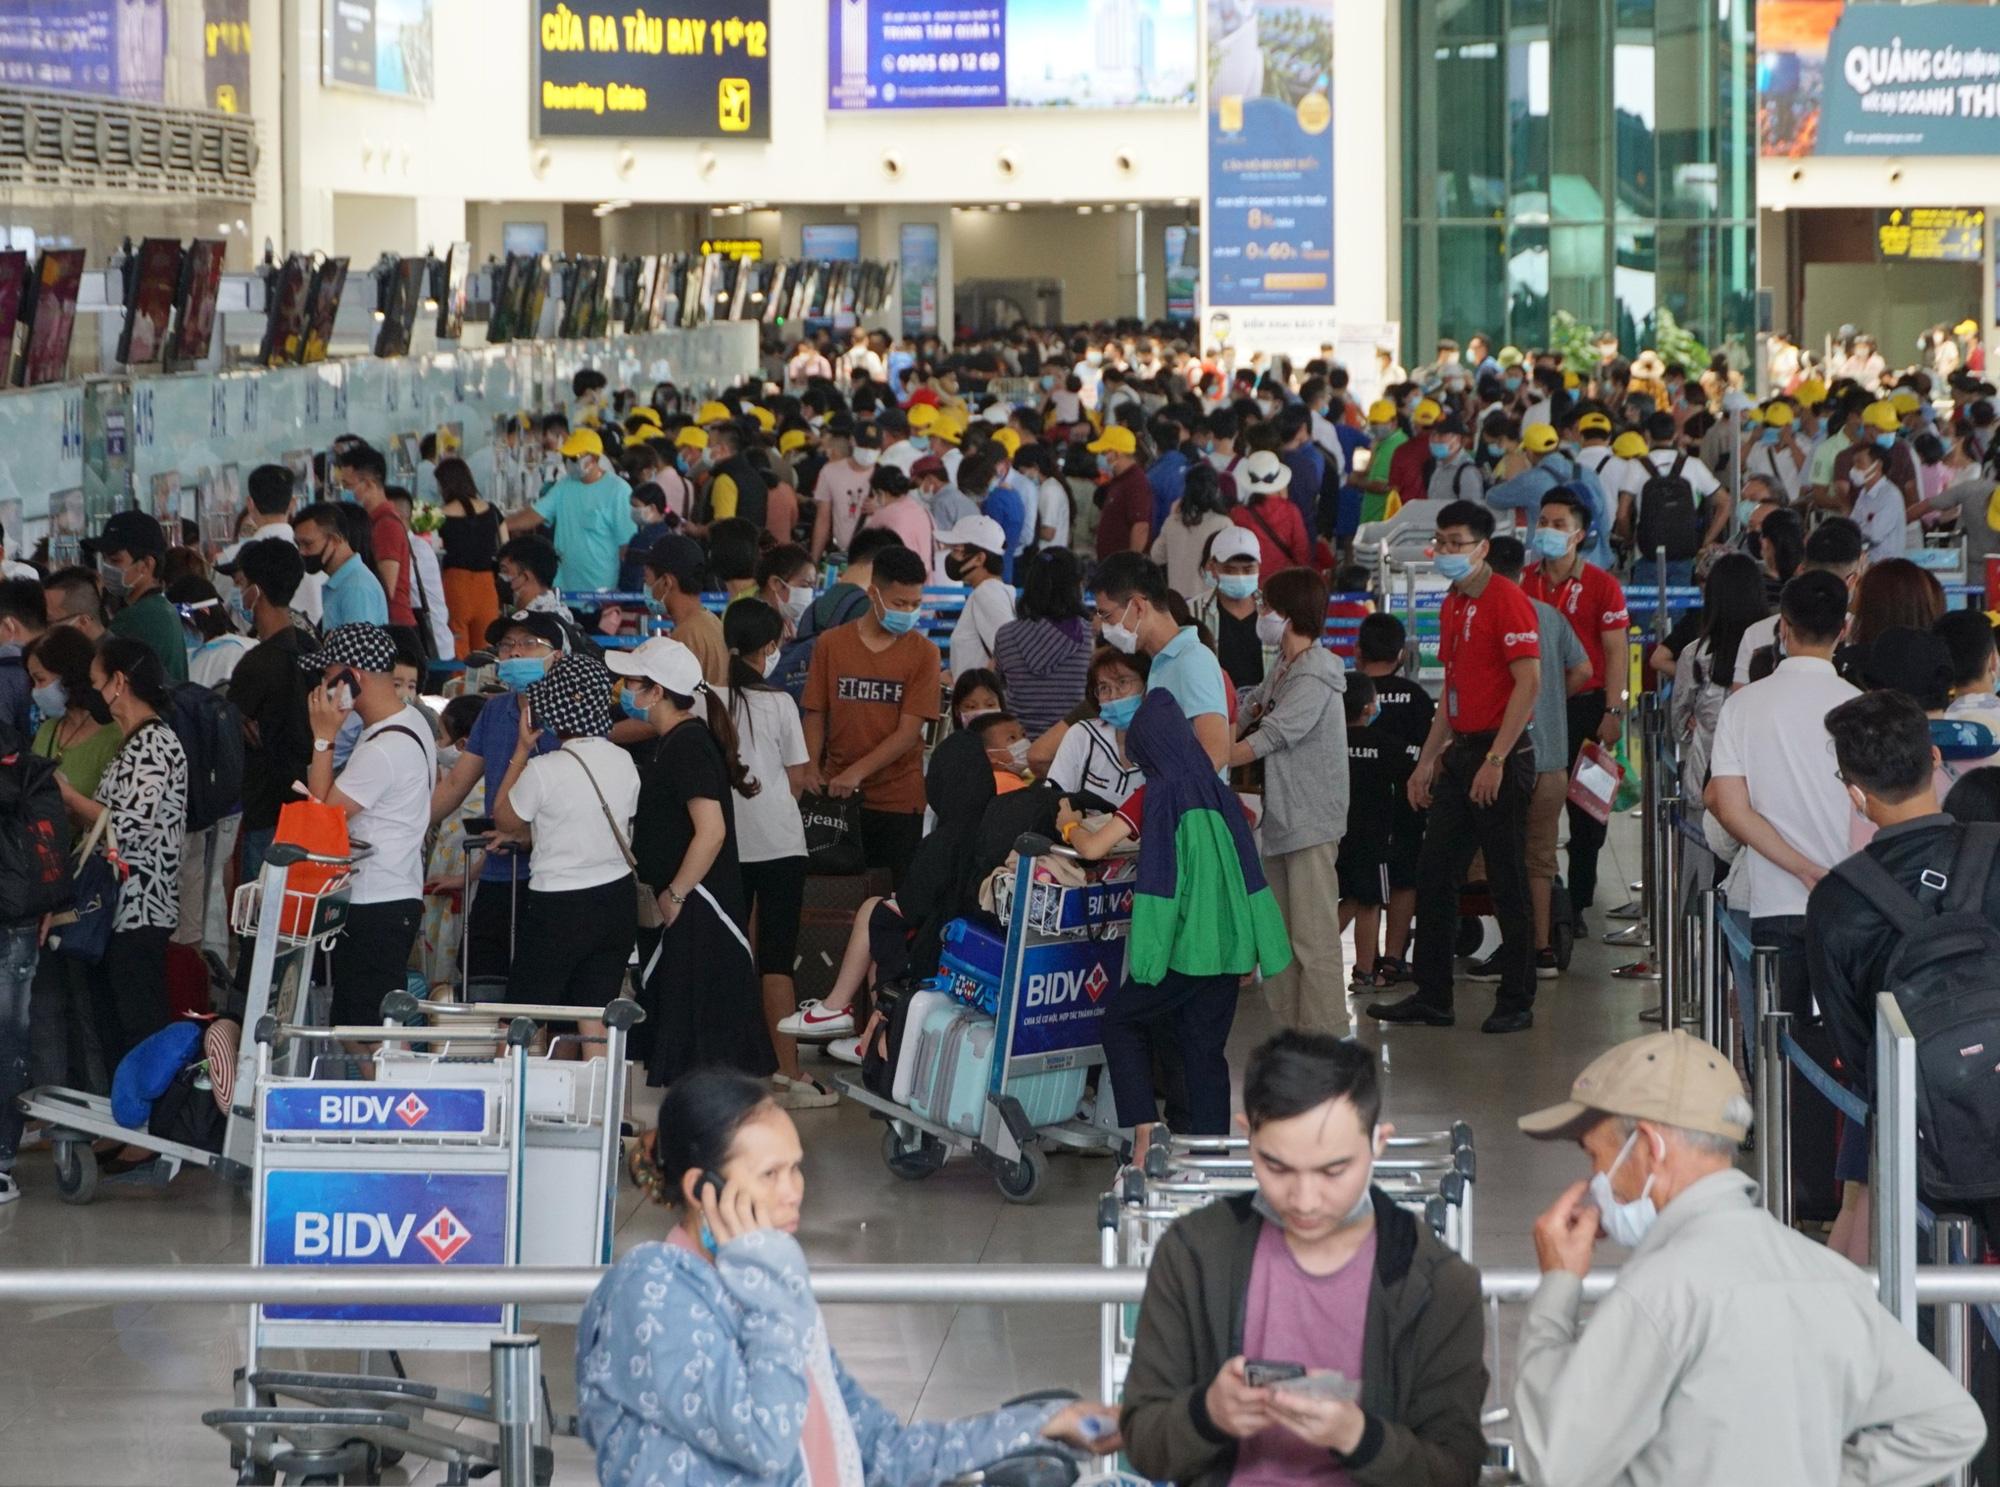 Hàng vạn hành khách xếp hàng dài chờ check-in tại sân bay Nội Bài trước ngày nghỉ lễ 30/4-1/5 - Ảnh 1.